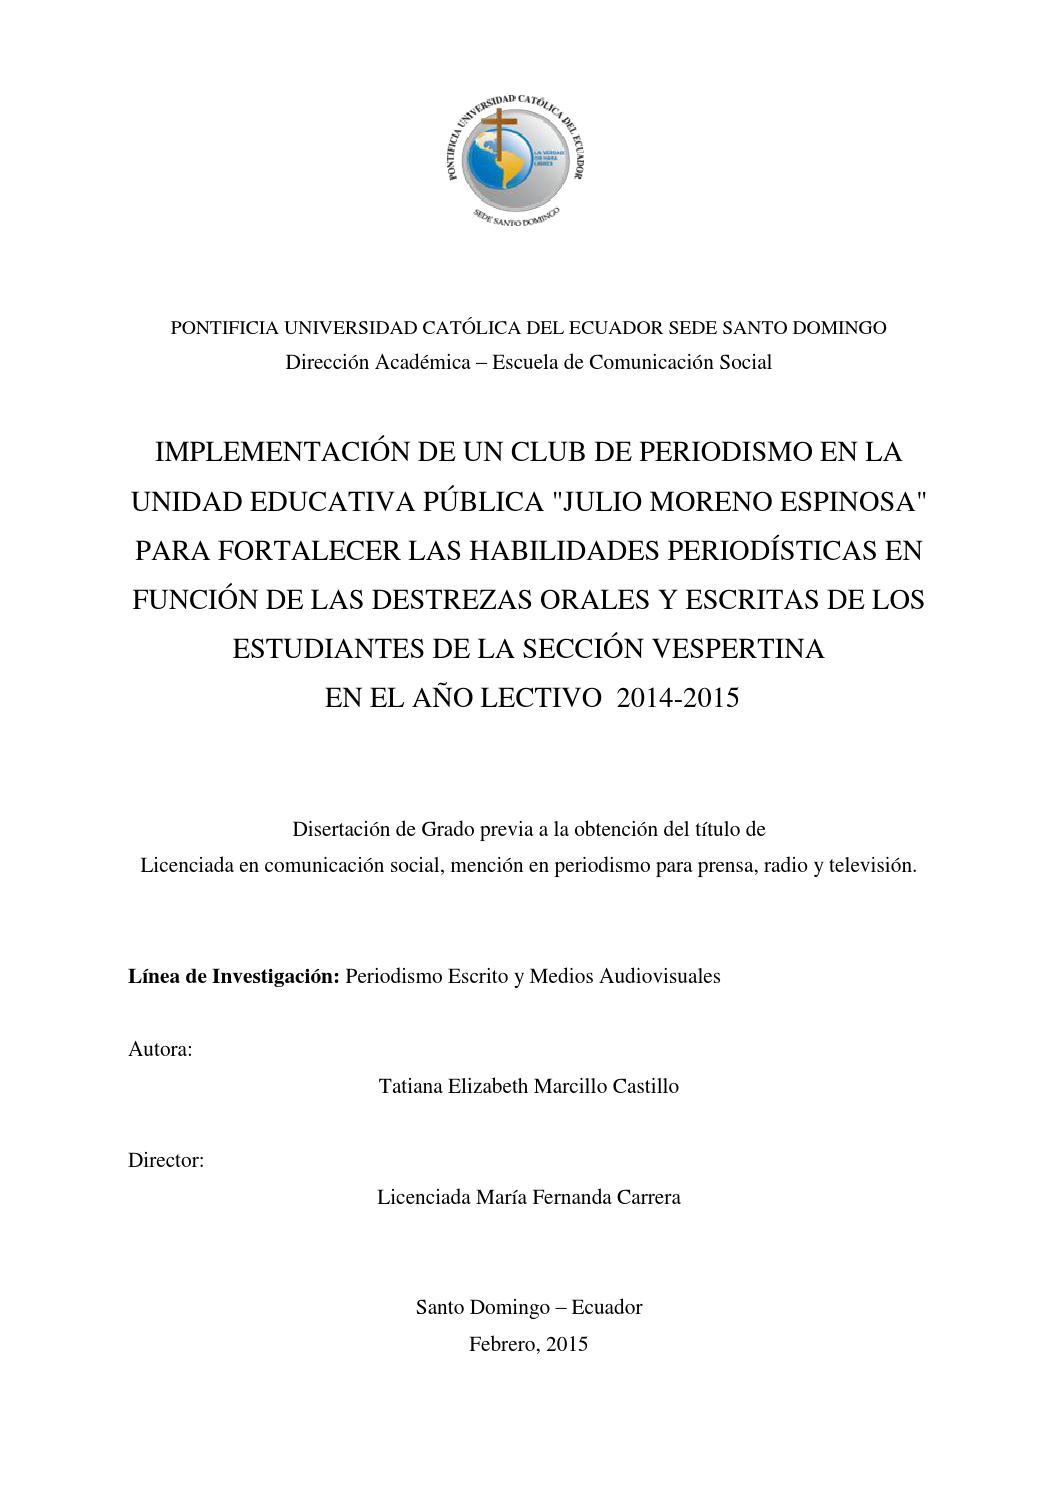 Implementación de un club de periodismo by Pontificia Universidad ...